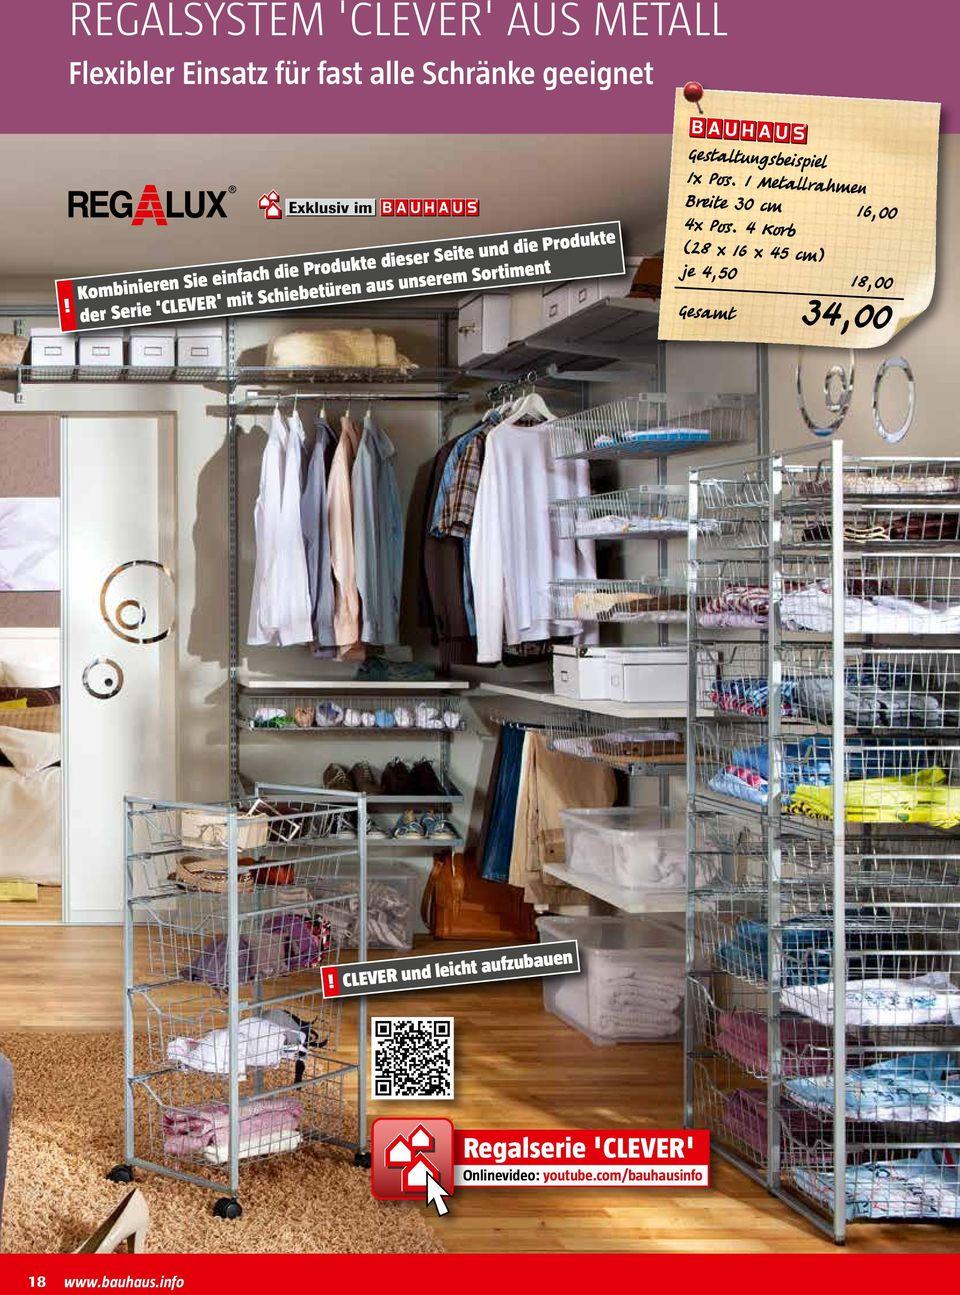 Full Size of Regalsysteme Keller Metall Regalsystem Regale Ikea Lagerregale I Schrnke Ordnungssysteme Wohnregale Regal Weiß Bett Für Wohnzimmer Regalsystem Keller Metall